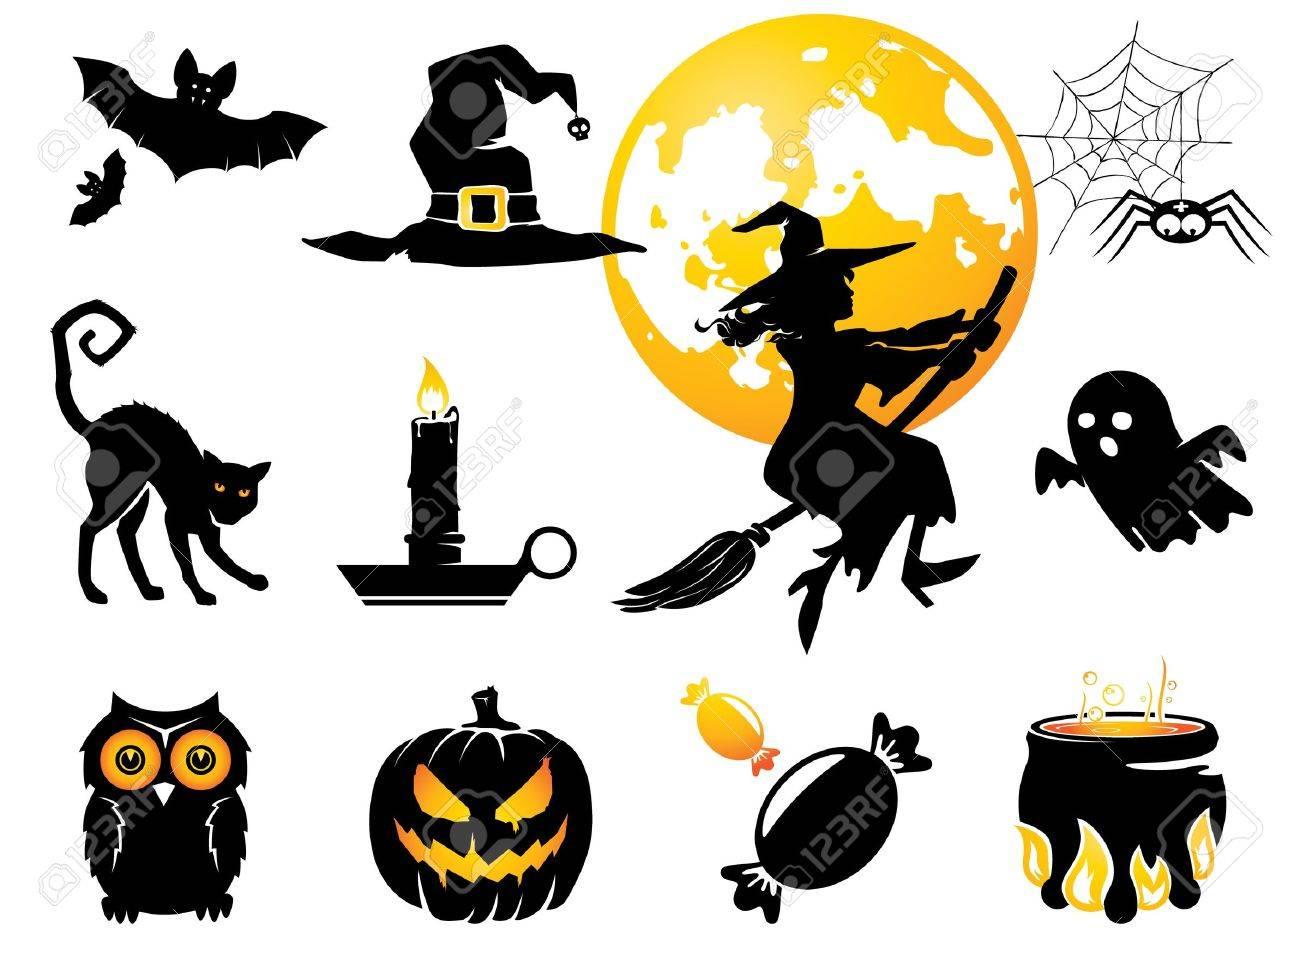 Halloween set, black /orange figures for decoration - 15521688